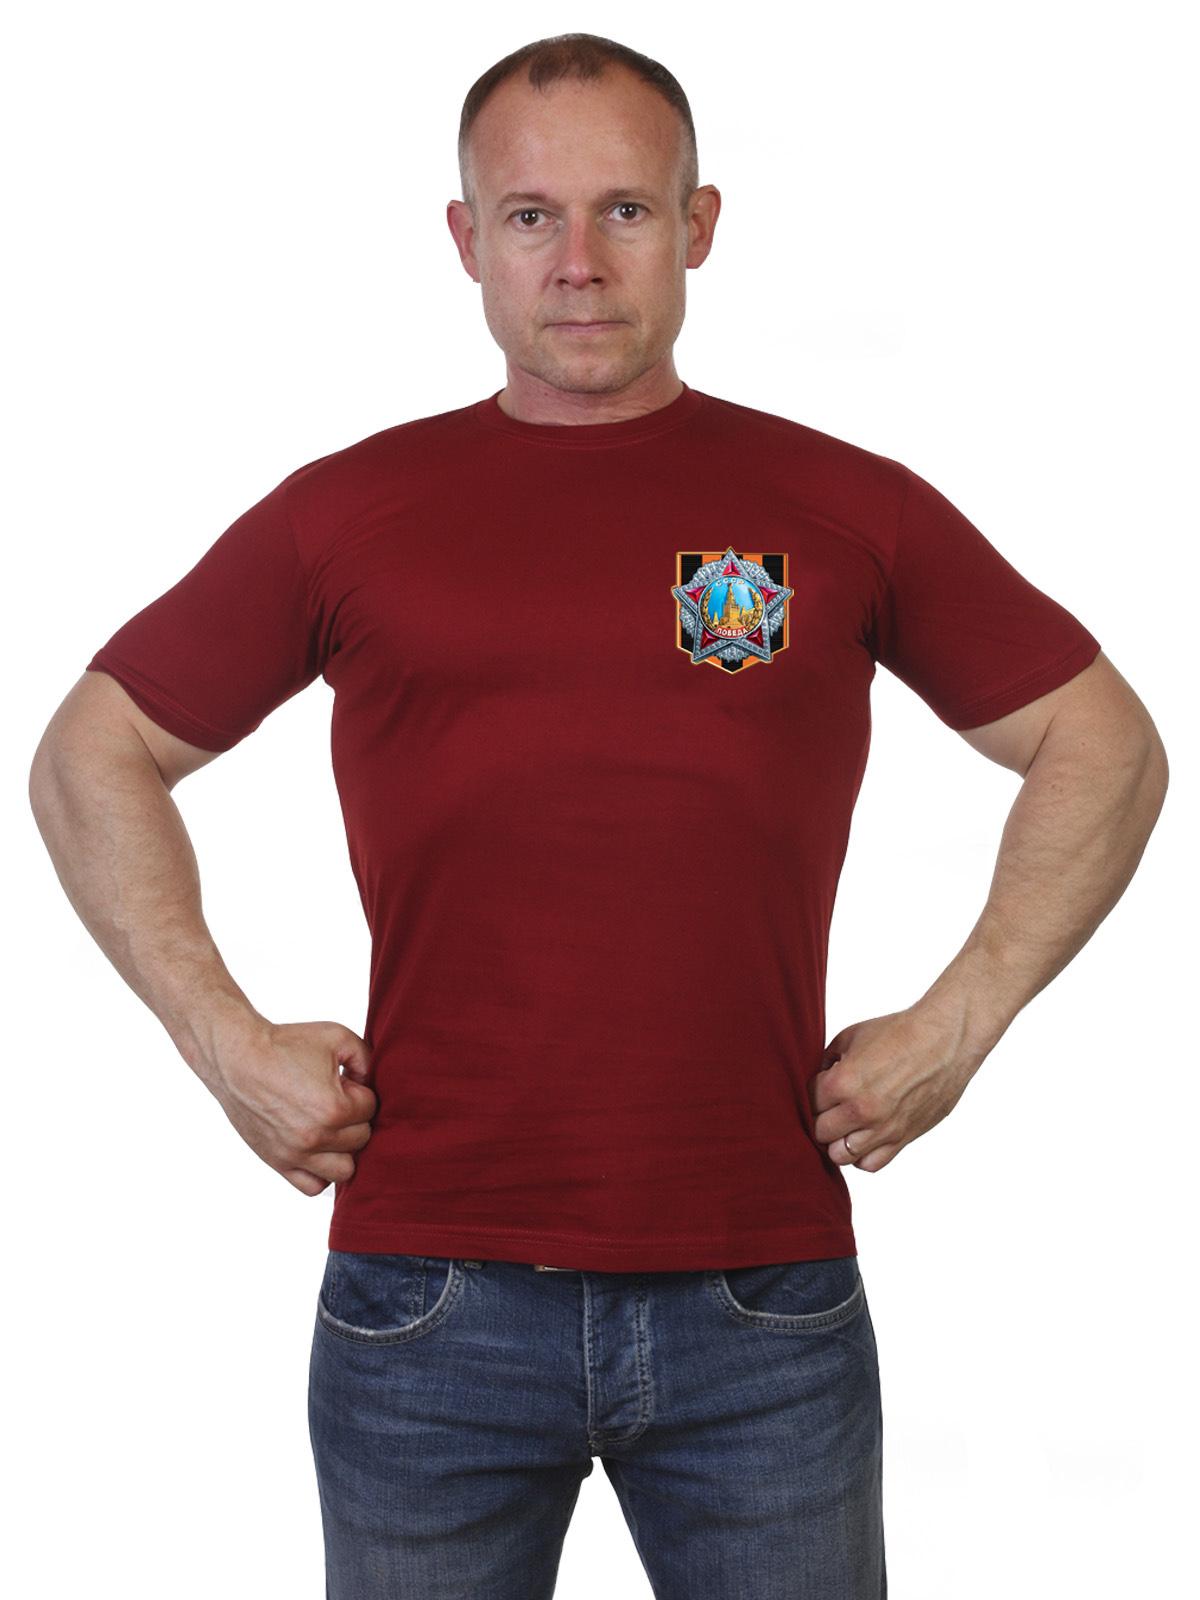 Мужские футболки ко Дню Победы